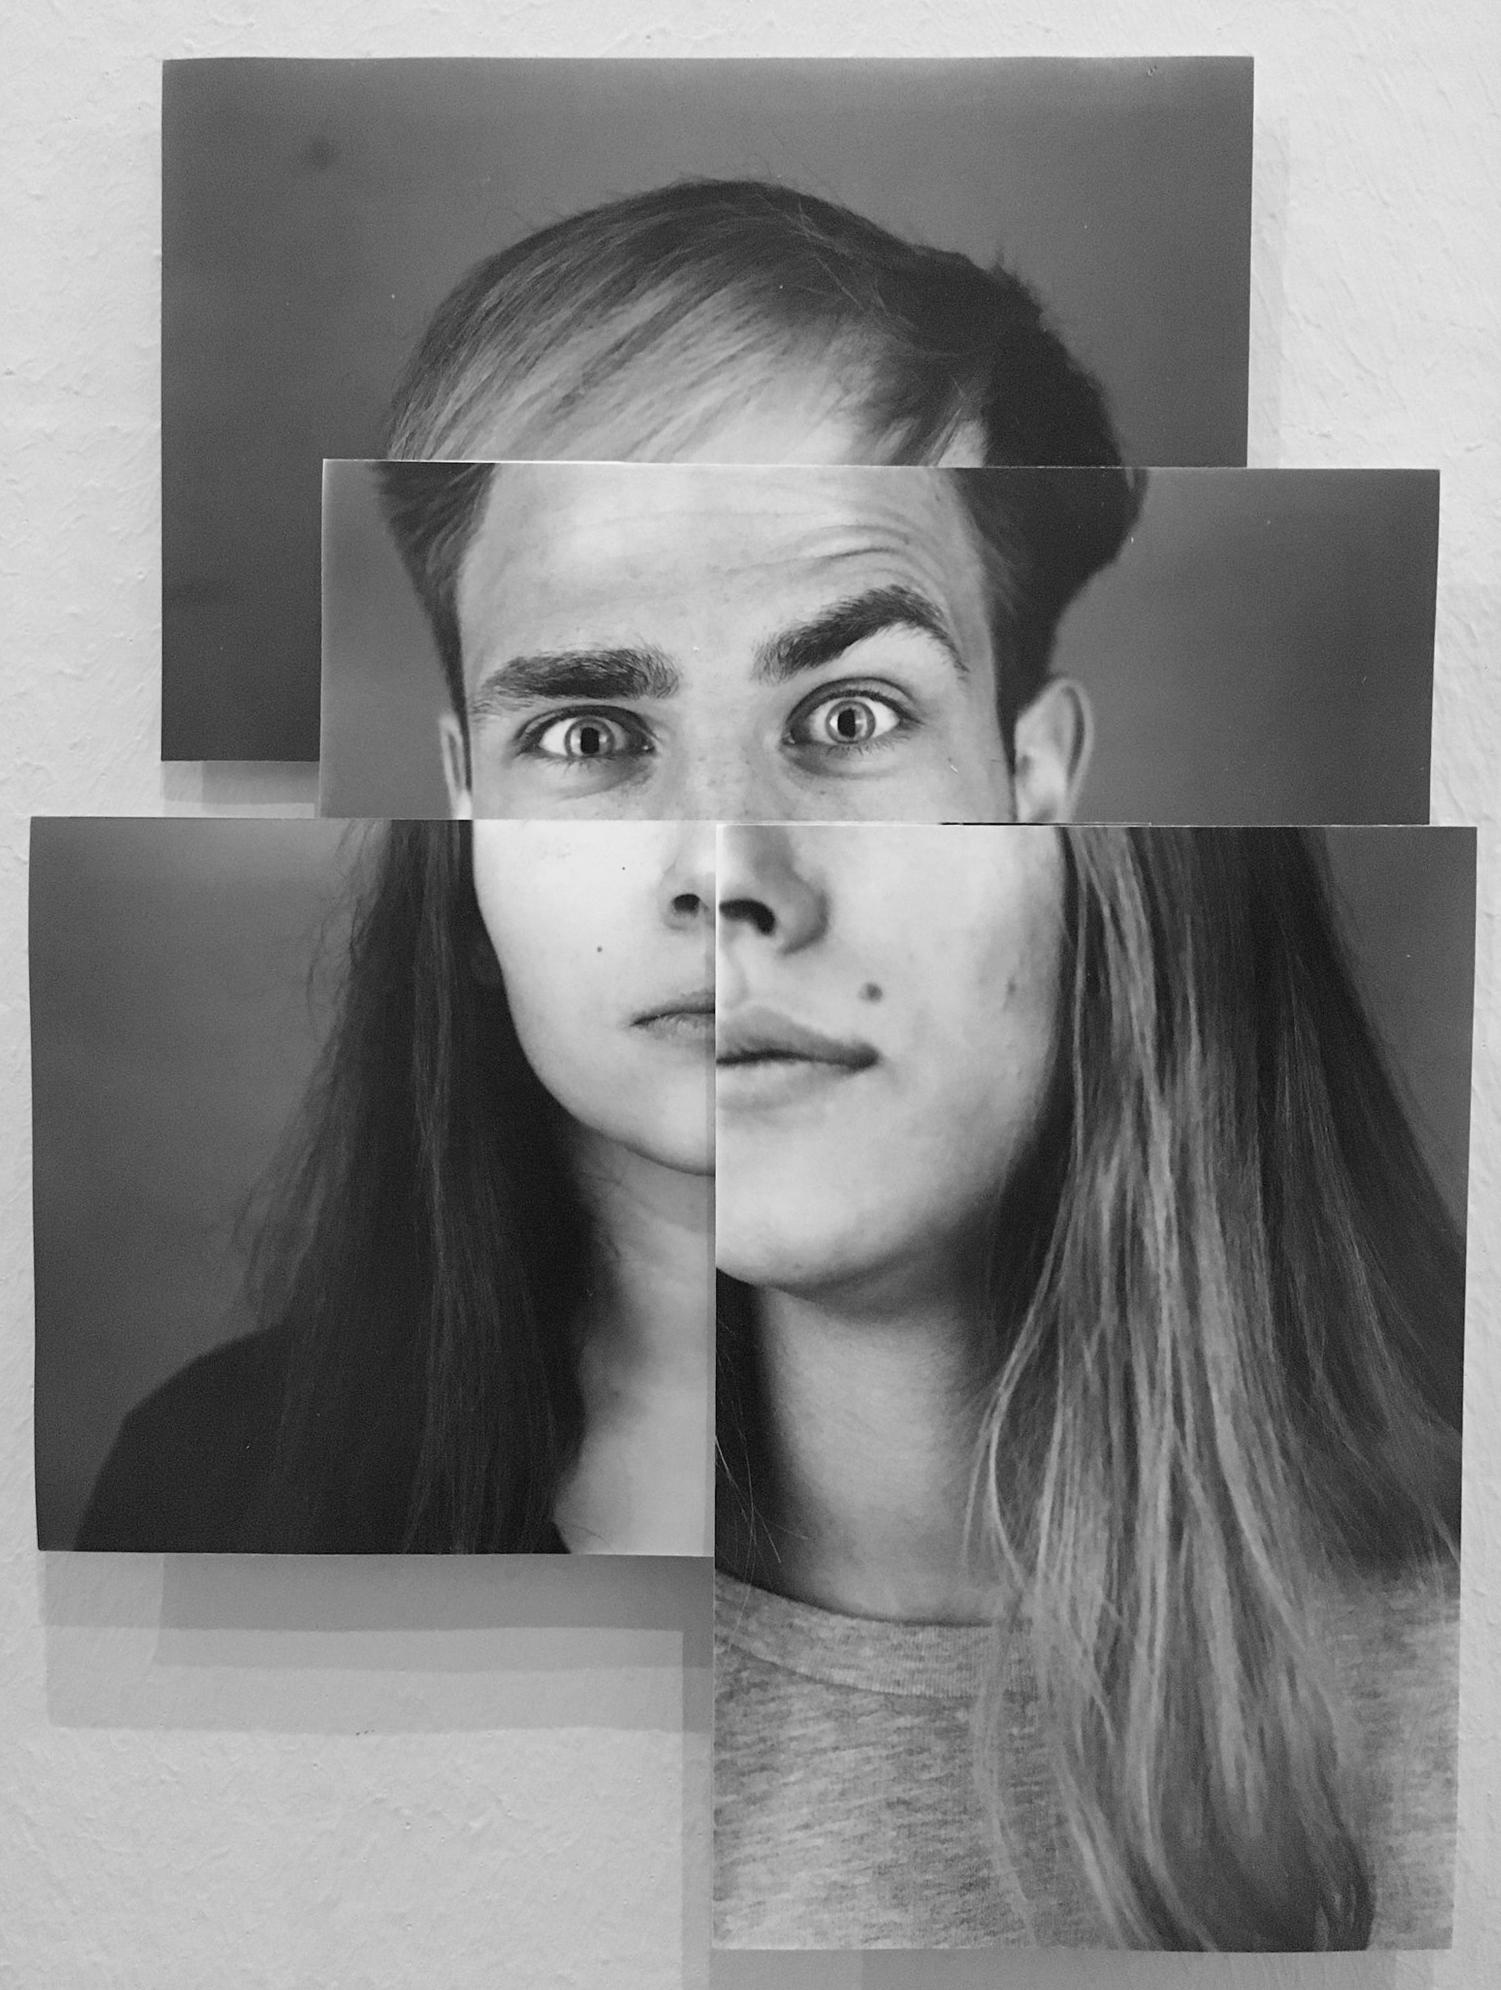 Analoge Bilder-Serie als Collage zusammengesetzt.